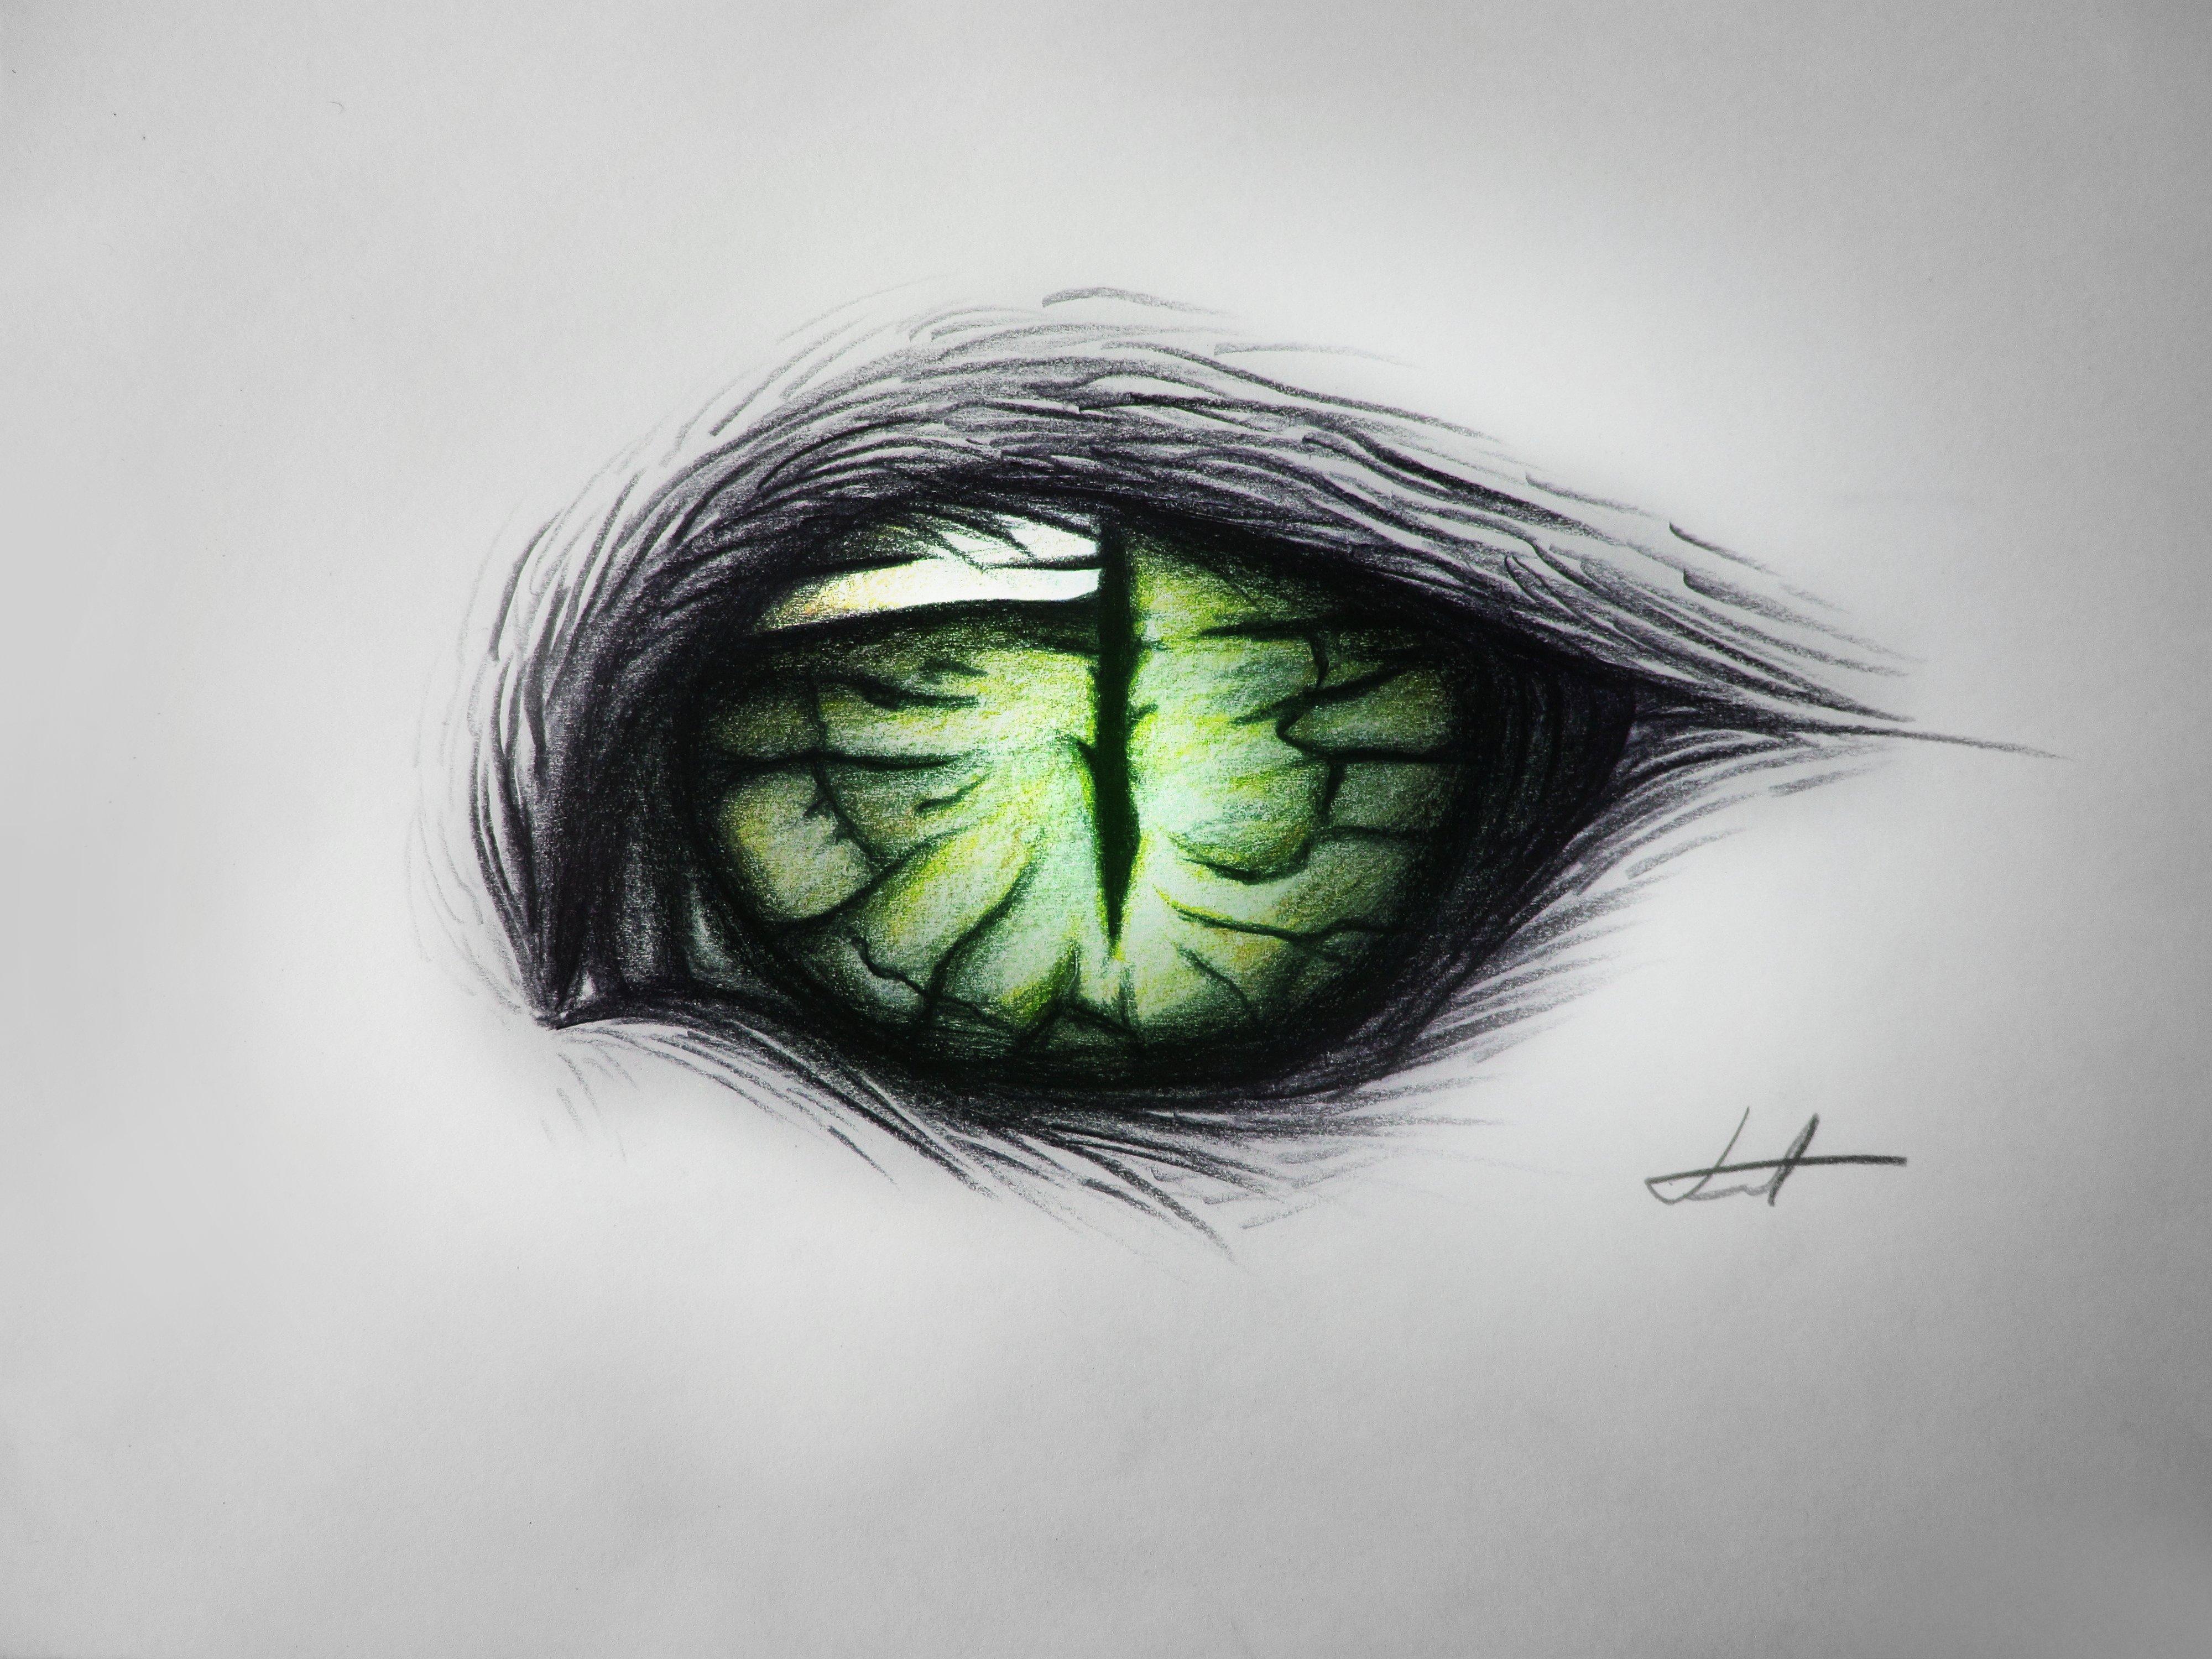 картинки с зелеными глазами с карандашом умелых руках